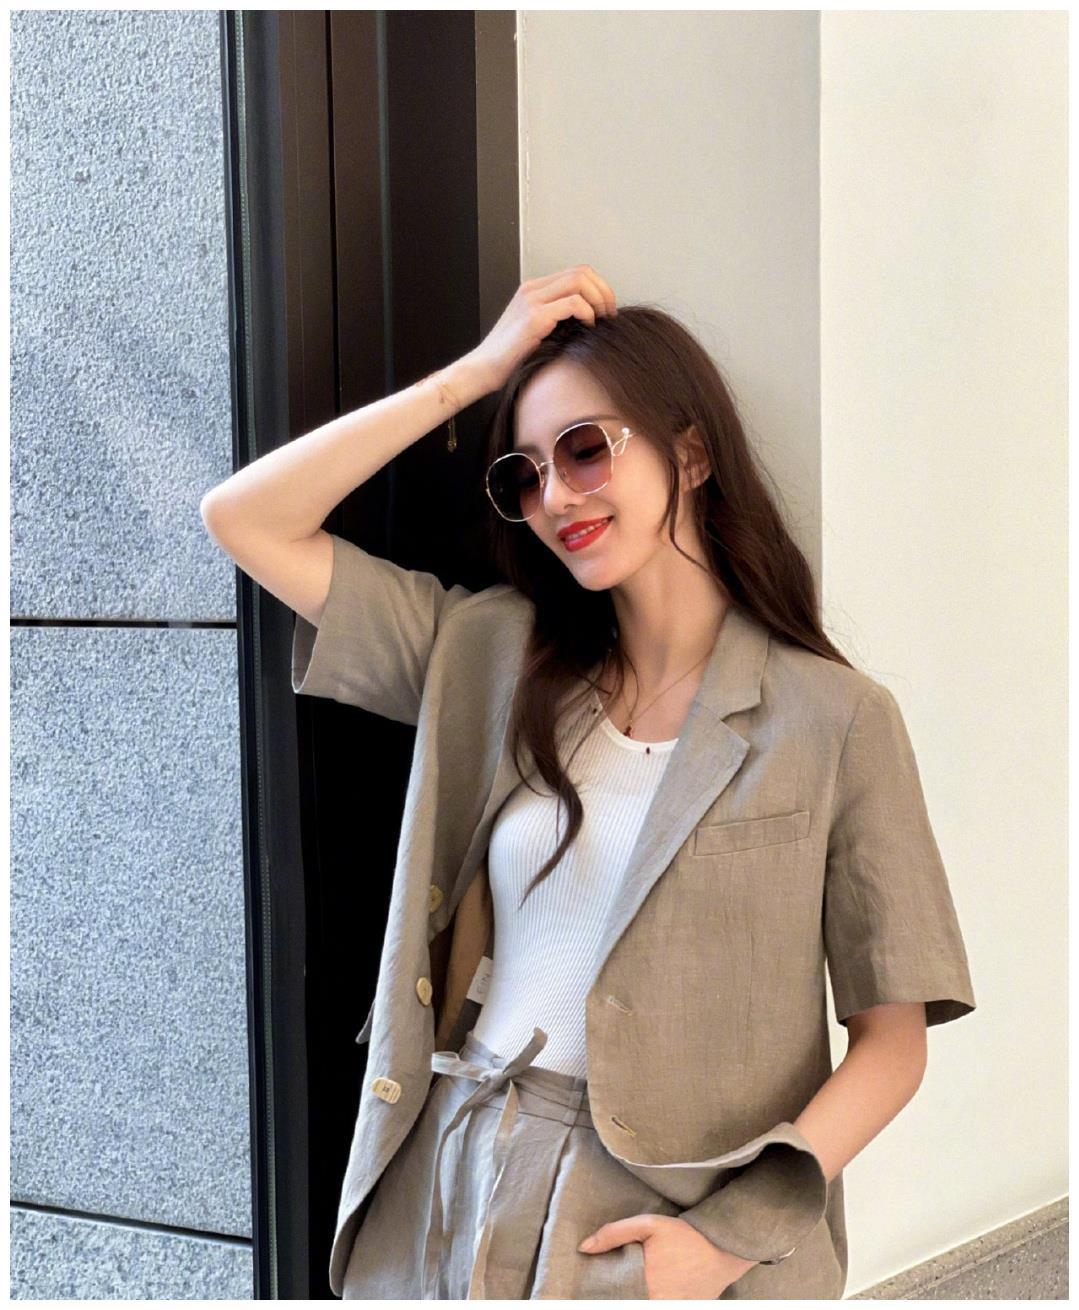 刘诗诗私服造型更新,穿西装套装配温柔卷发,率性优雅气质绝了!